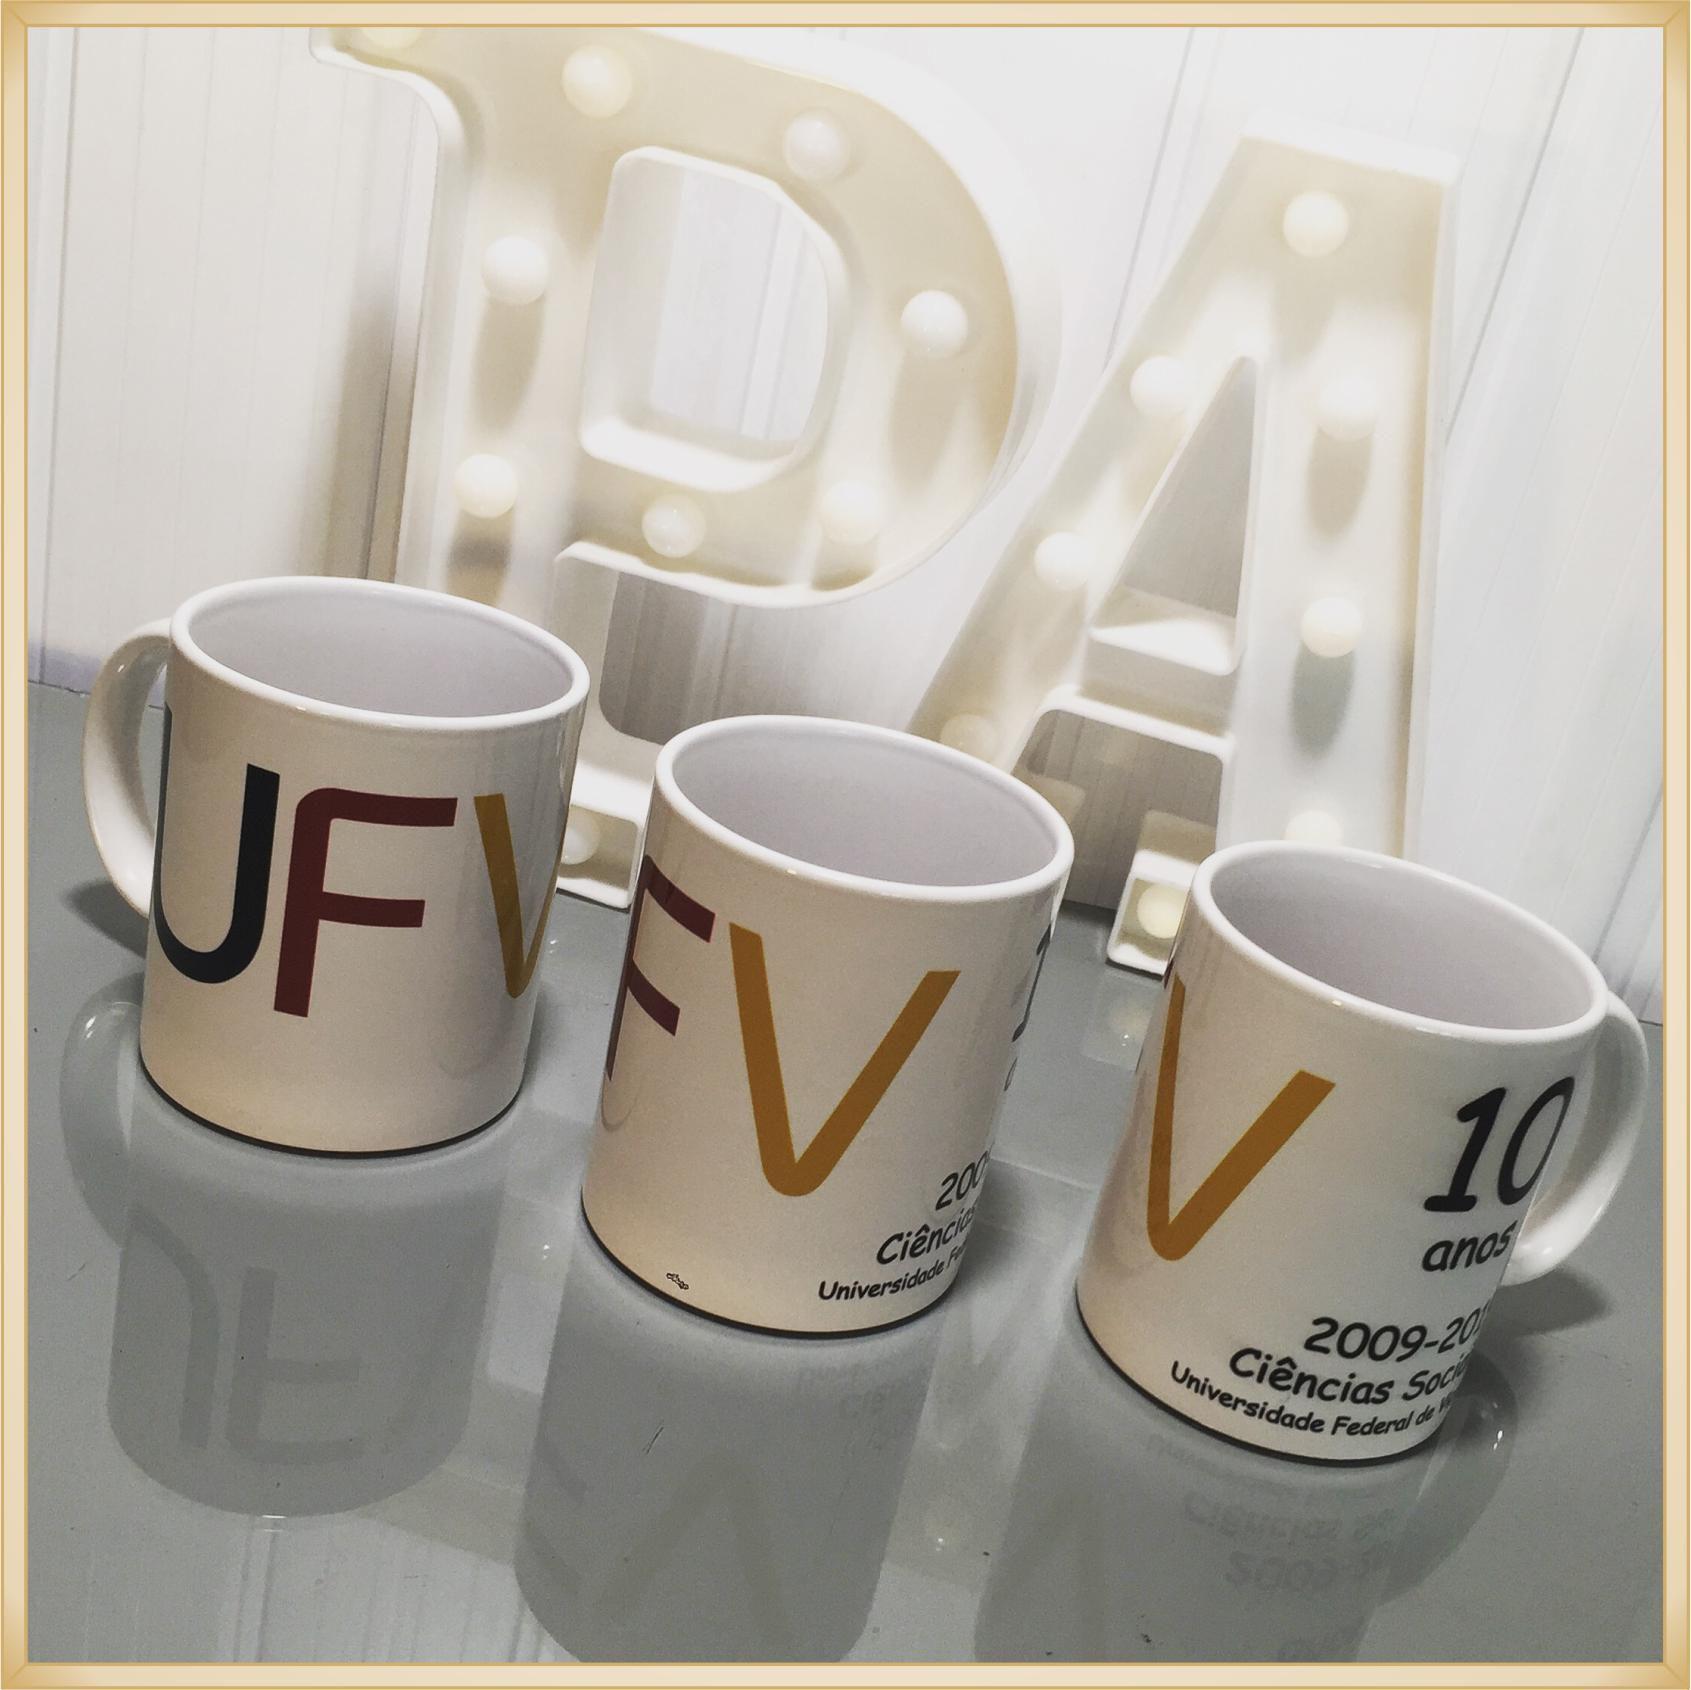 Canecas de porcelana personalizadas - estampa de alta qualidade, cores vivas, acabamento perfeito, alças confortáveis, 325 ml. - kit com 10 unidades